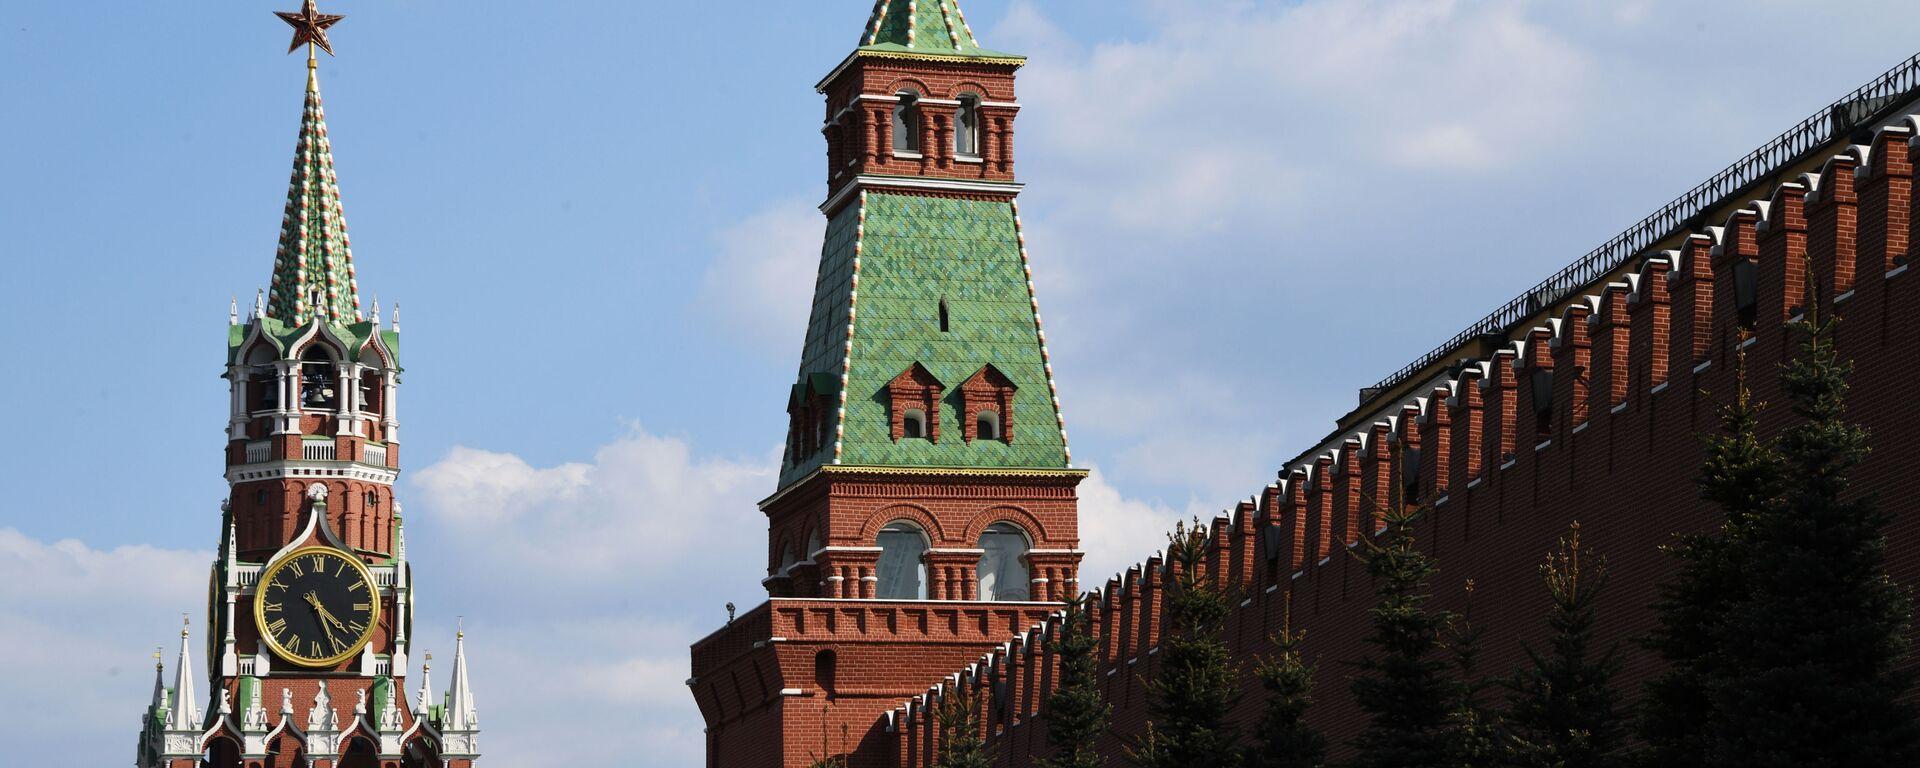 Moskevský Kreml - Sputnik Česká republika, 1920, 25.05.2021